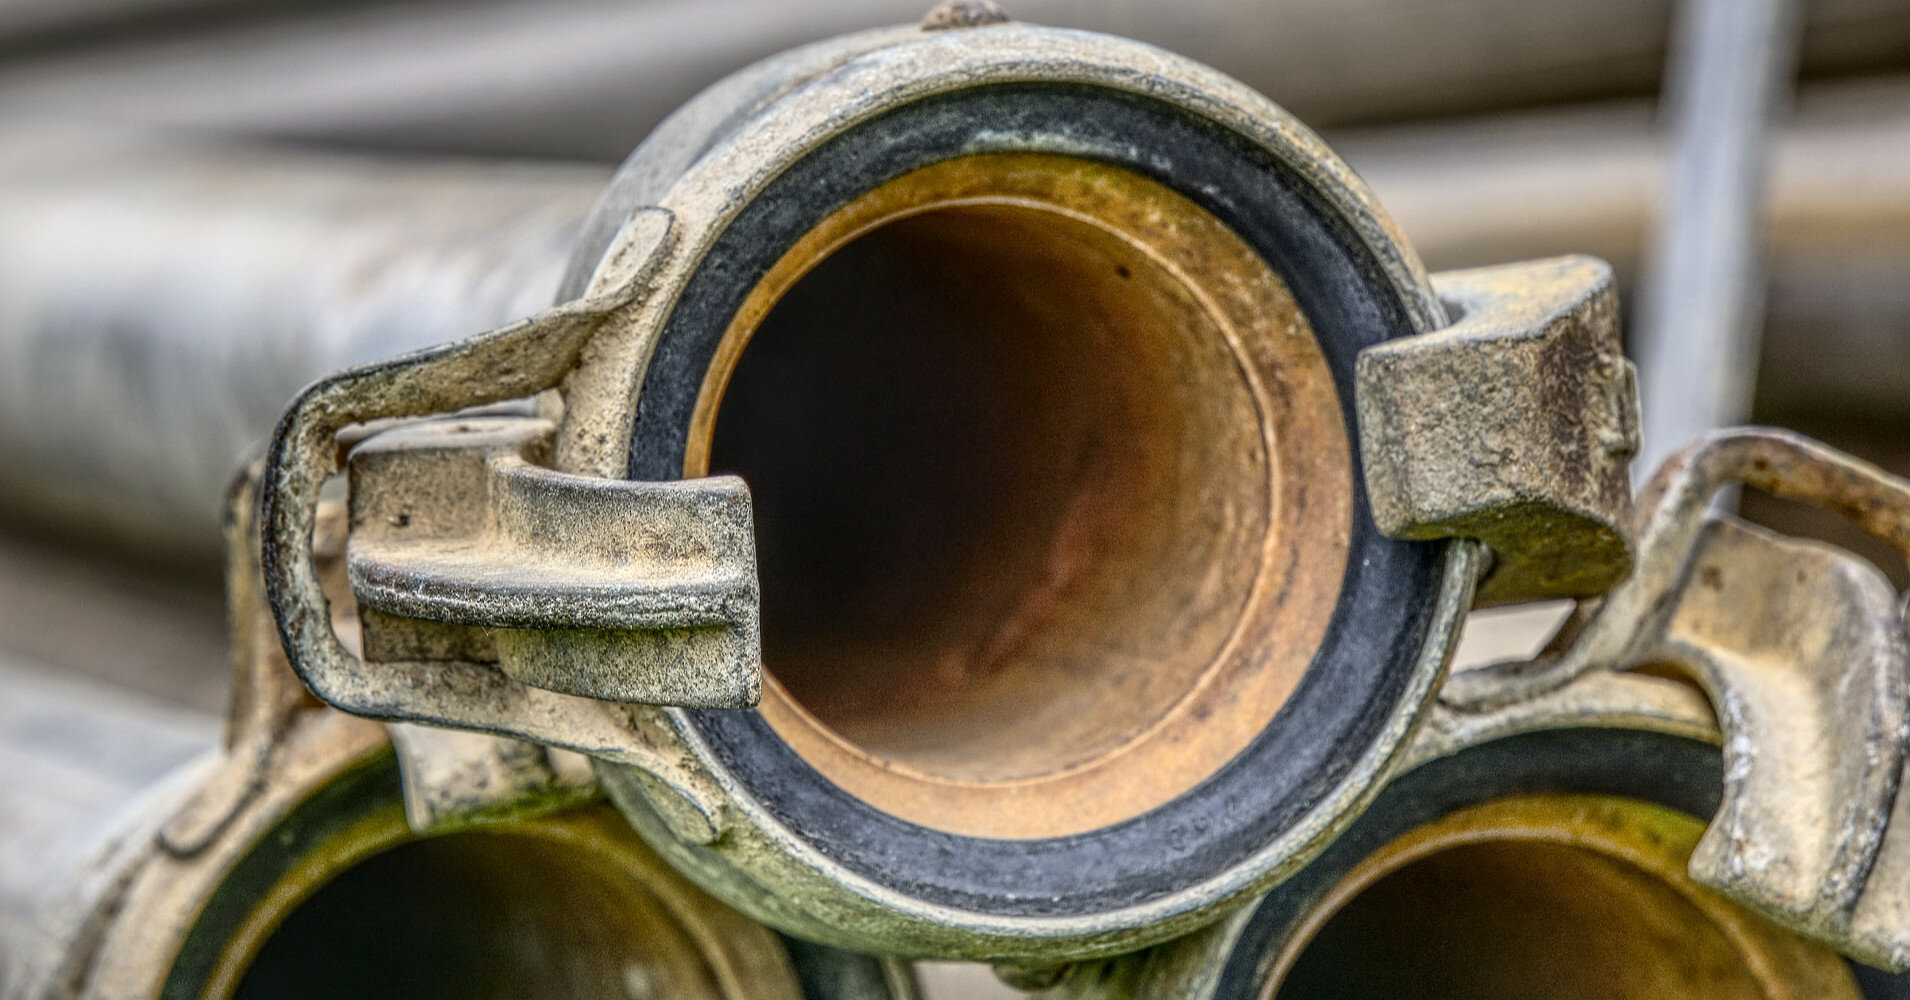 Оккупанты заявили, что проложили в Крыму километры водопровода